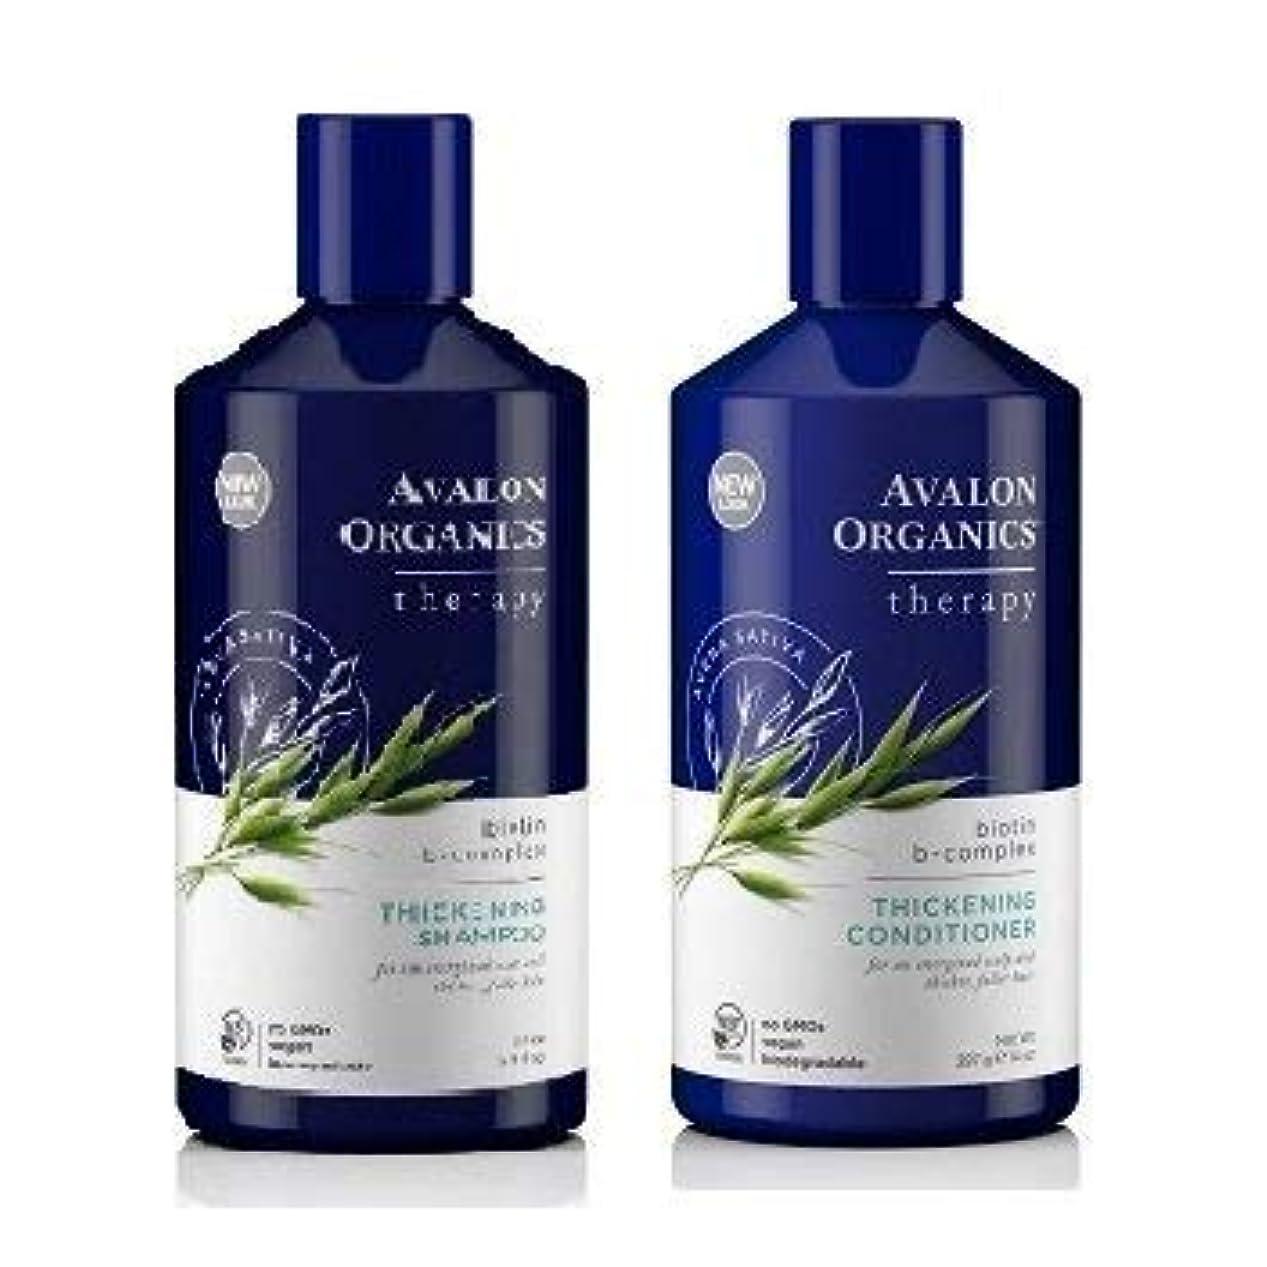 身元突っ込む騒ぎ【海外直送品】【お得用セット】アバロン ビオチンBコンプレックスシャンプー&コンディショナーAvalon - Biotin B-Complex Thickening Shampoo & Conditioner - 14 fl oz (400 ml)